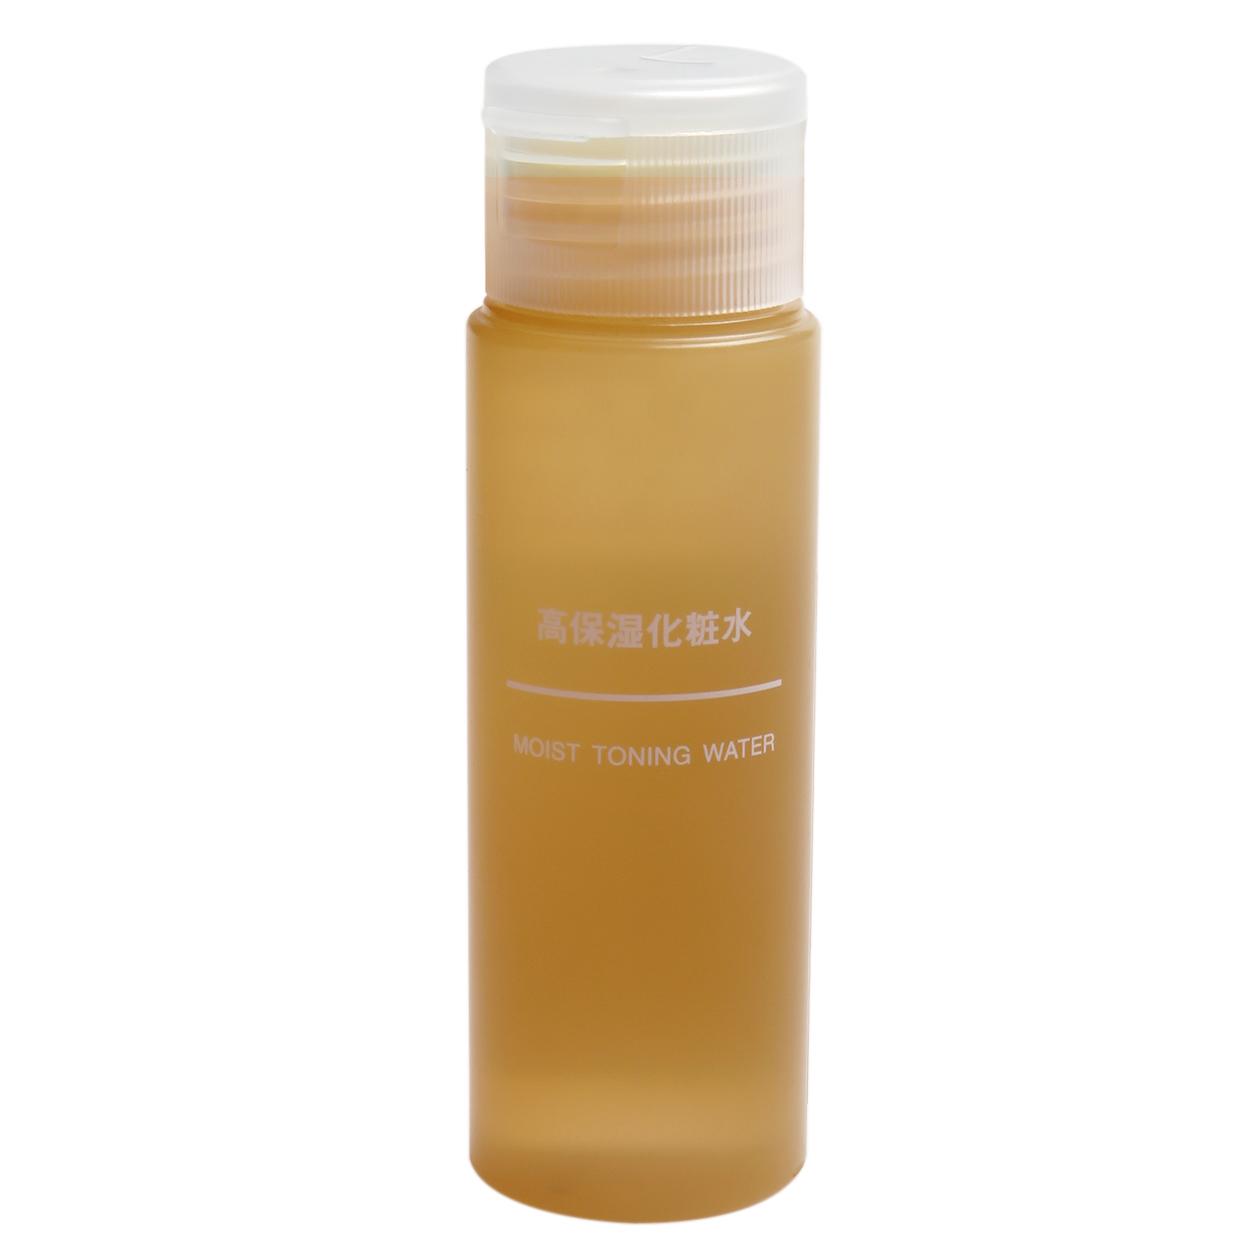 无印良品MUJI 润肤化妆水(高保湿型)50ml